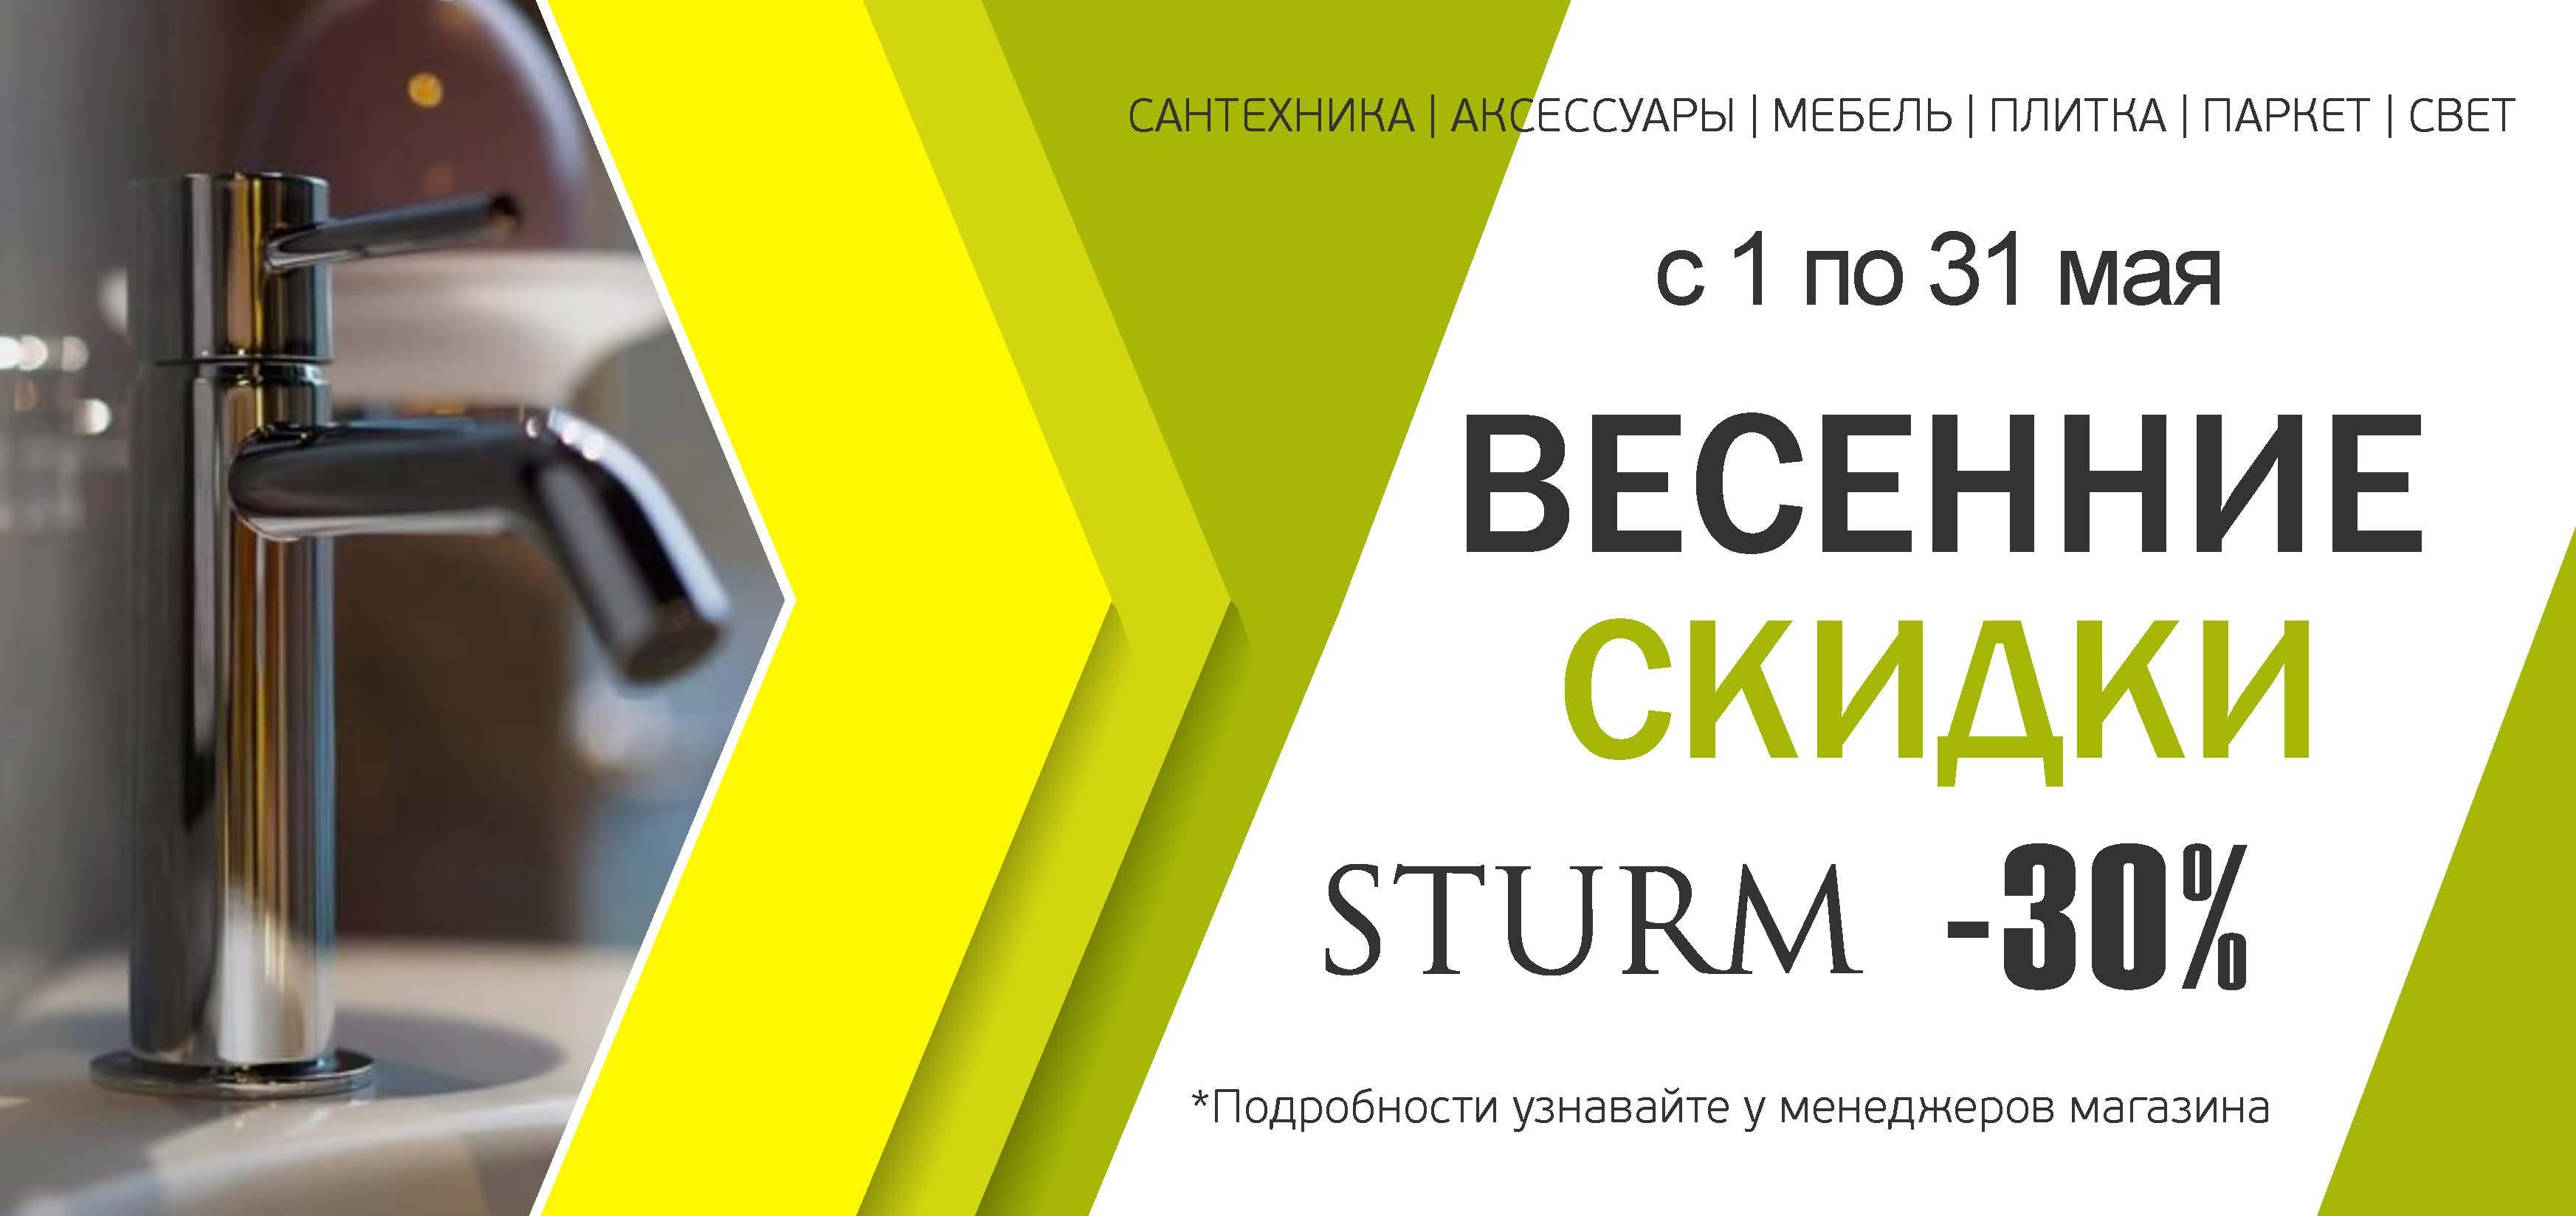 Весенние скидки STURM -30%